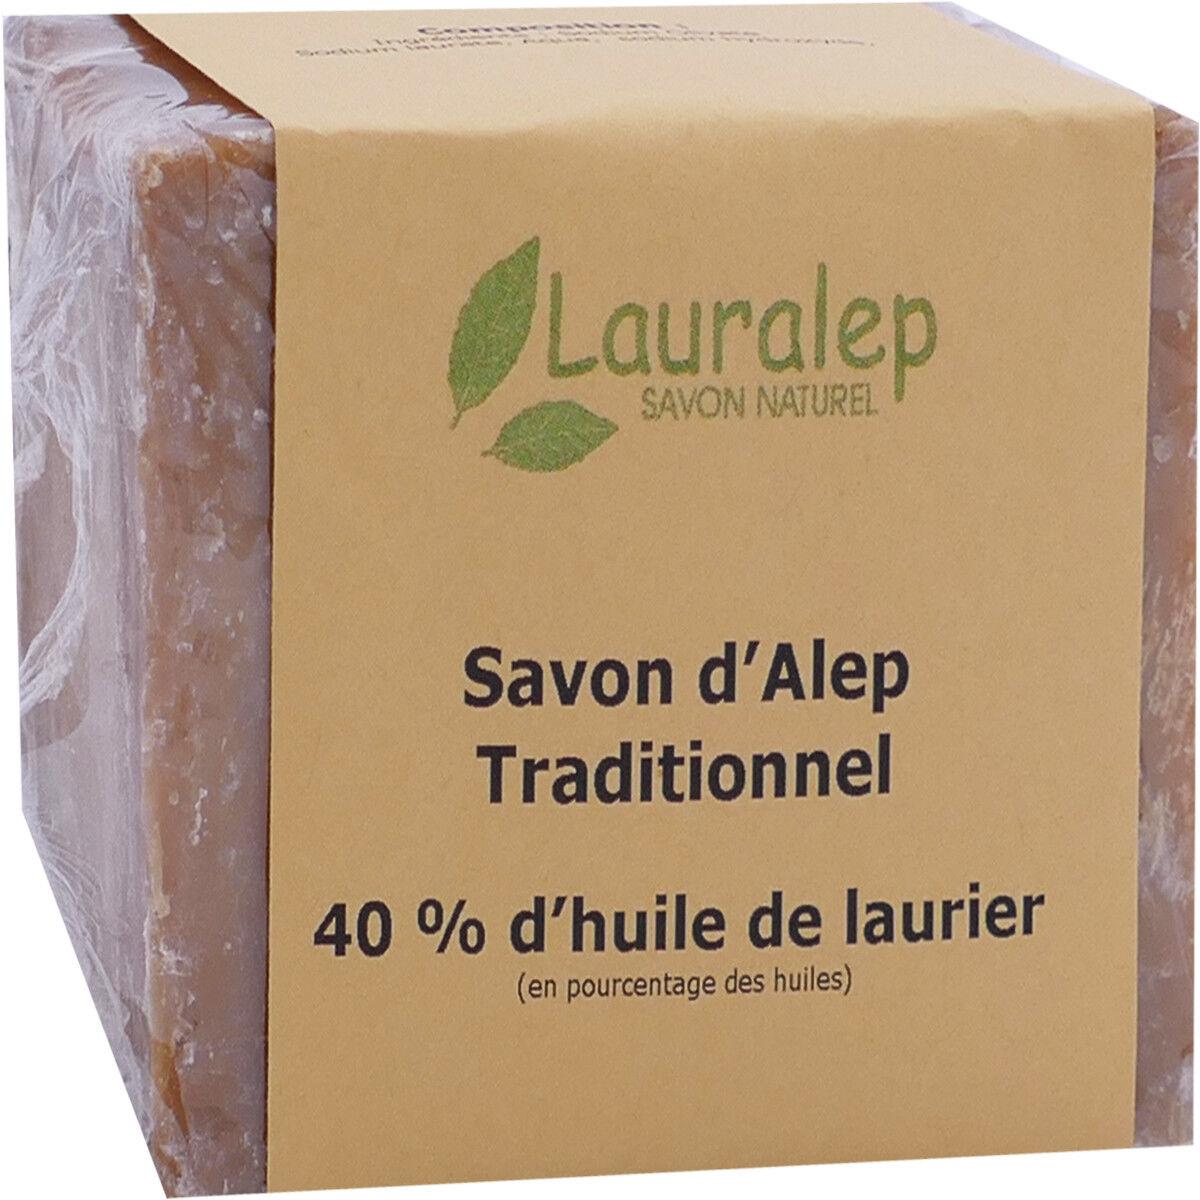 LAURALEP Savon d'alep traditionnel 200 g 40% d'huile de laurier